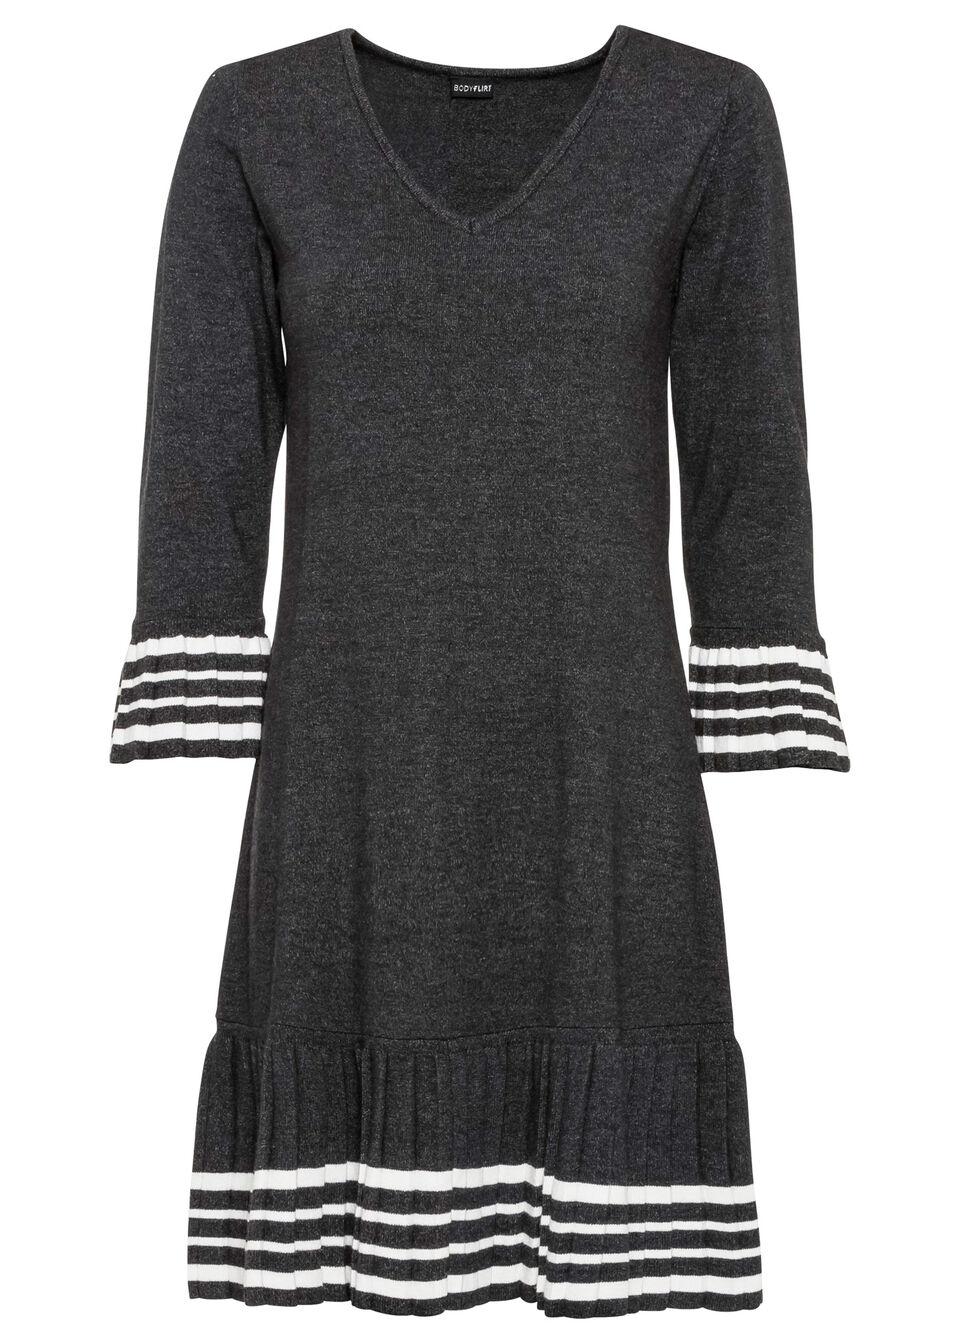 Sukienka dzianinowa z plisowaną częścią spódnicową bonprix antracytowy melanż - kremowy w paski